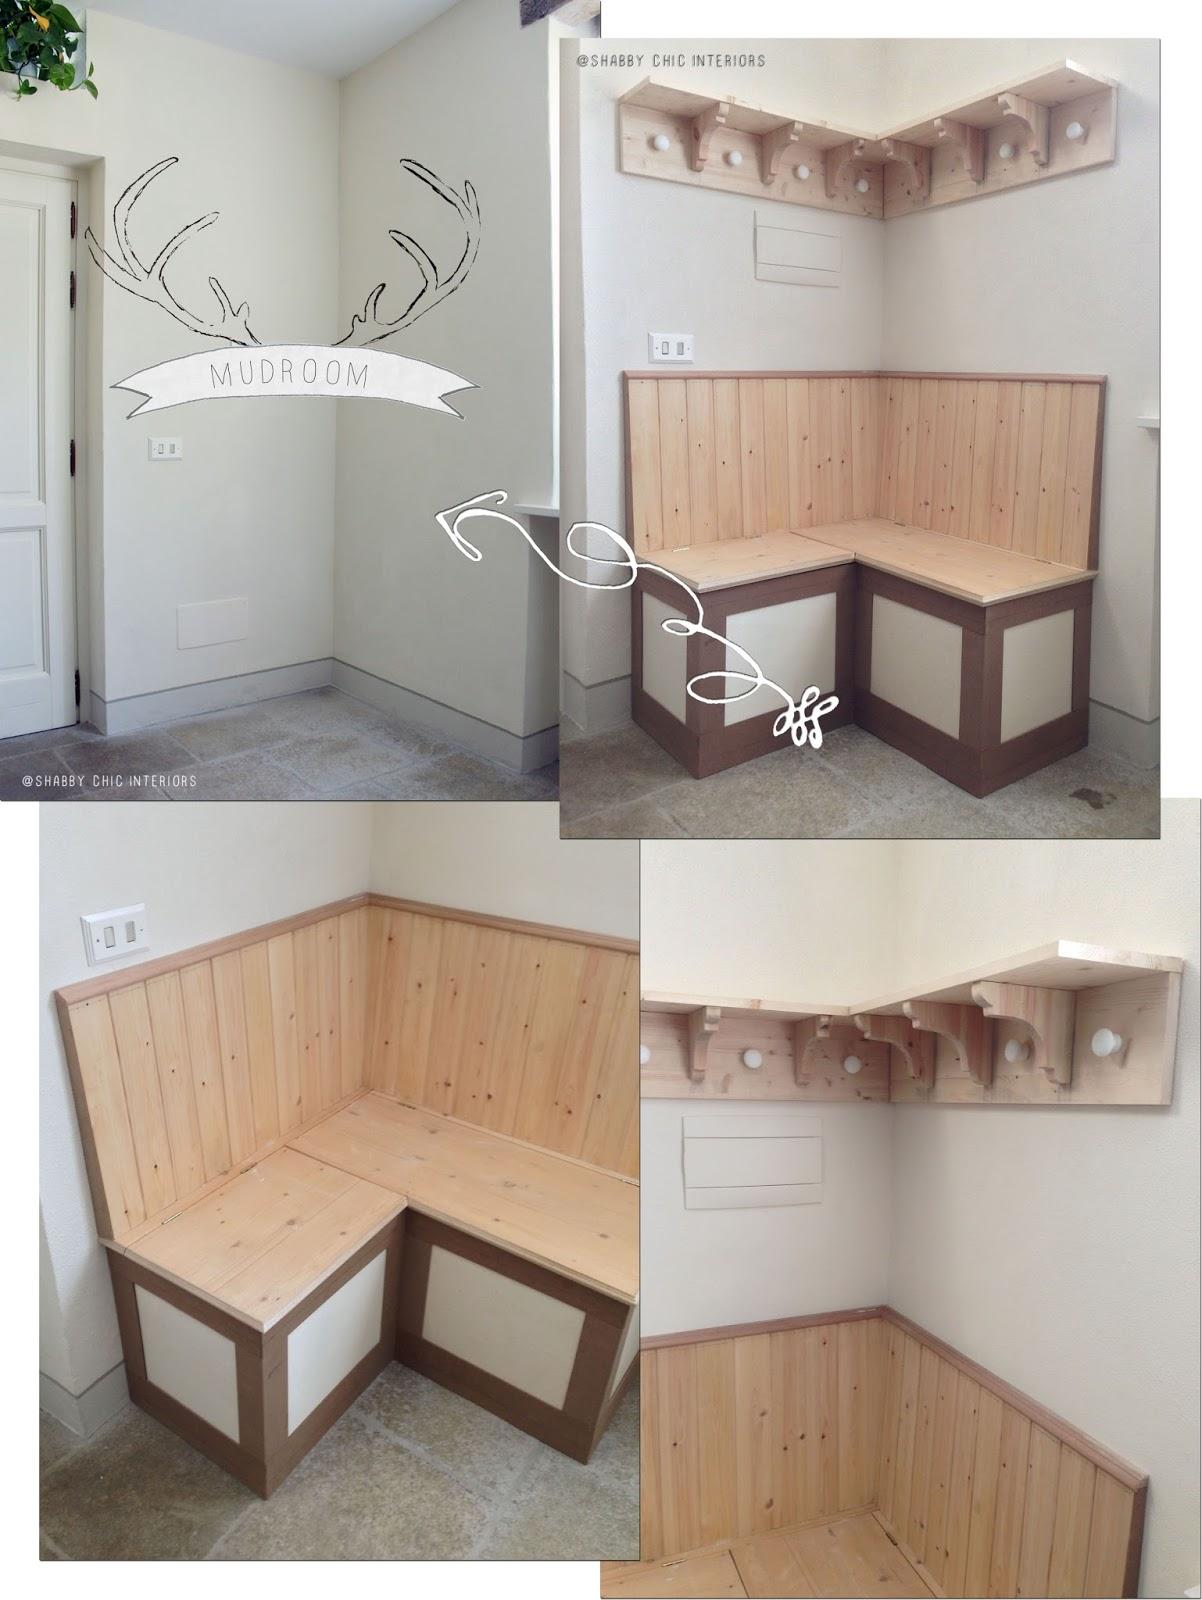 Ecco la mia mudroom shabby chic interiors for Costruire una cassapanca in legno